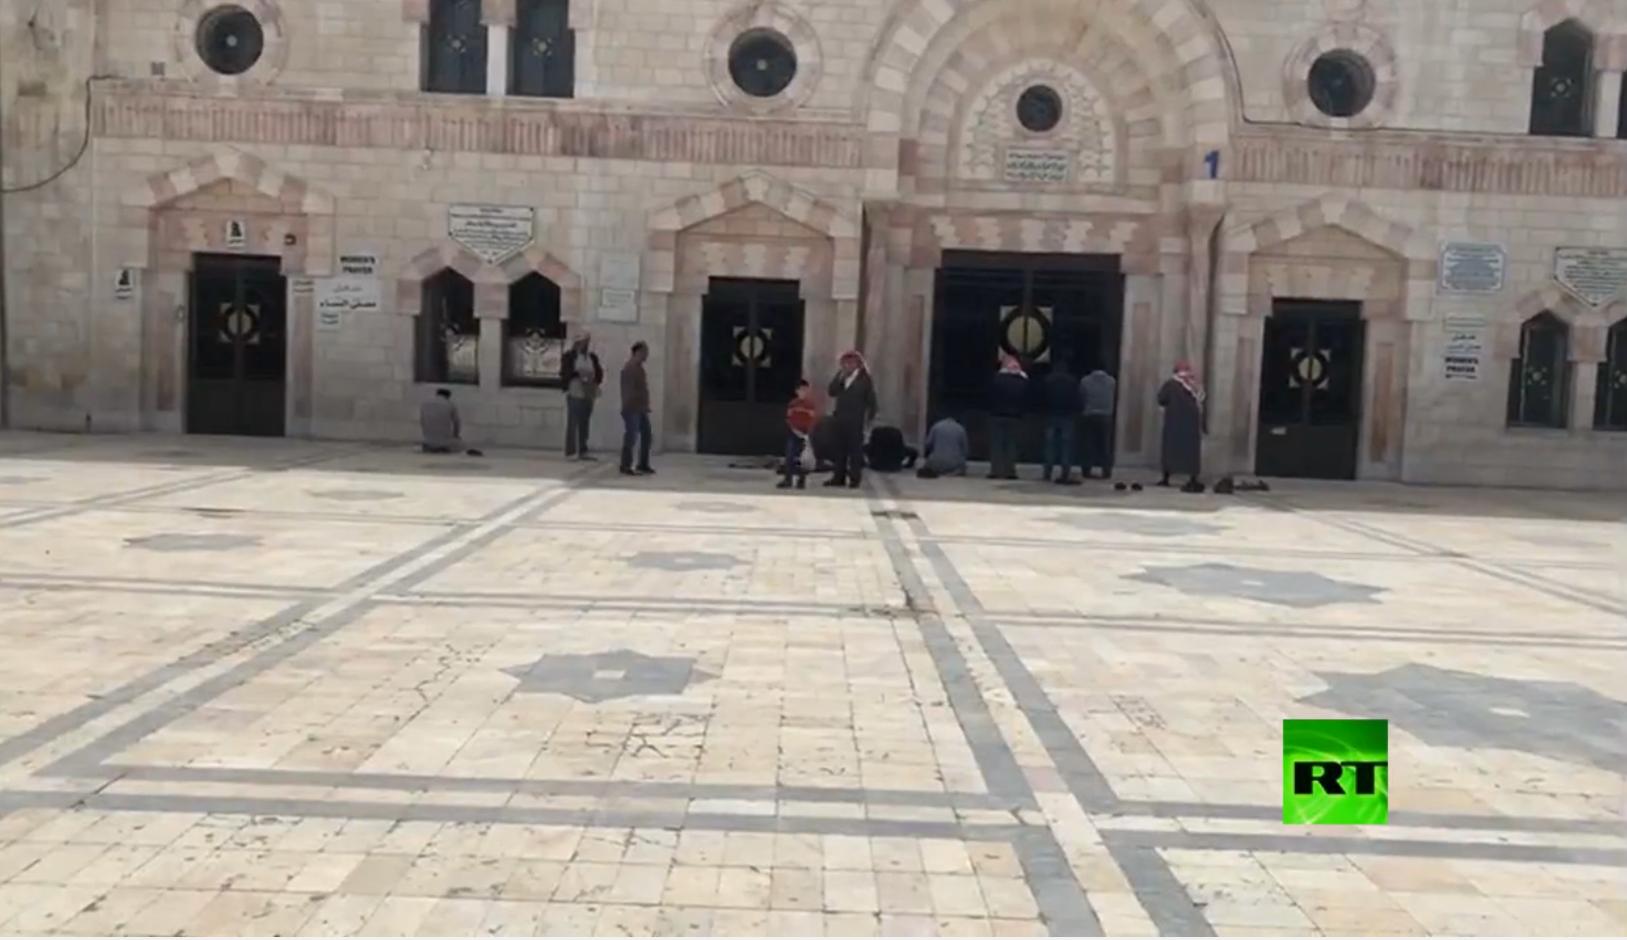 مواطنون يصلونأمام أبواب مسجد مغلق